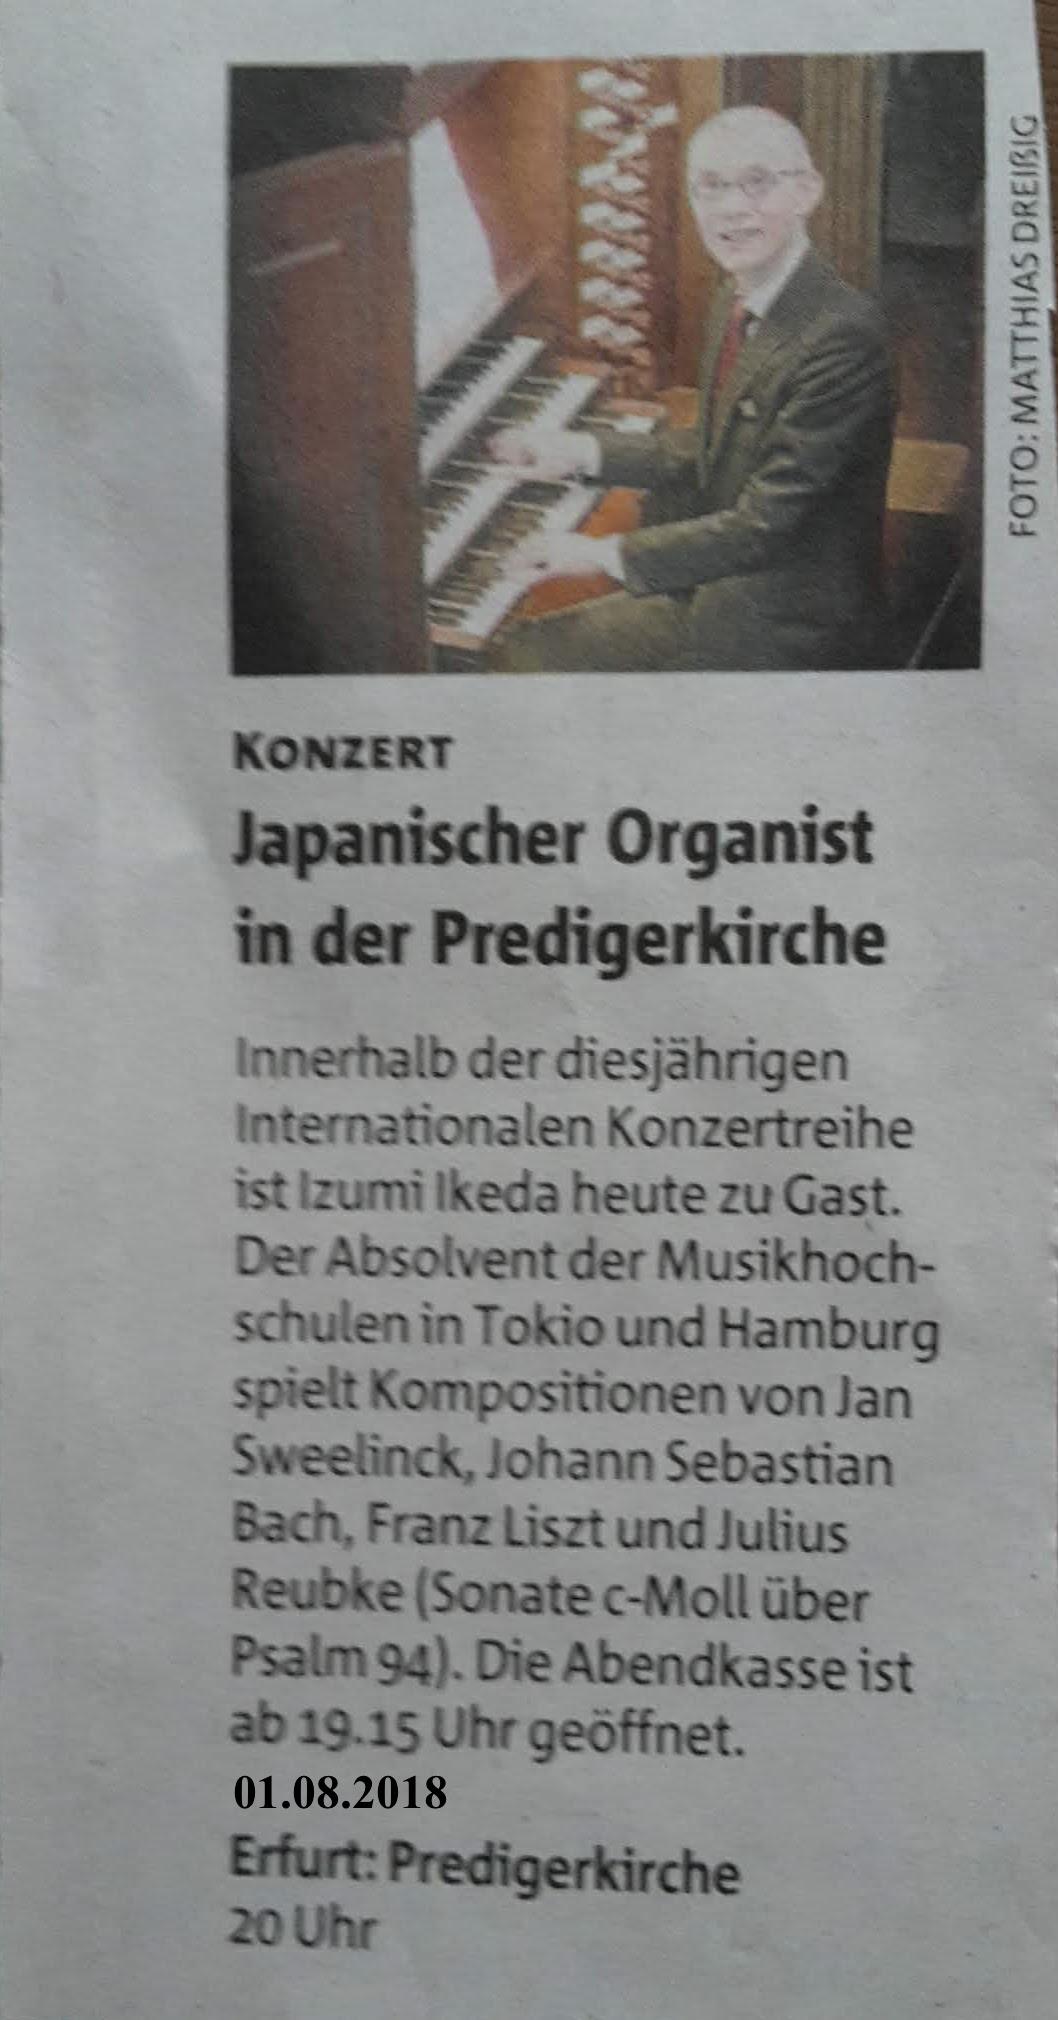 2018.08.01 OrgelKonzert PredigerKirche EF 1